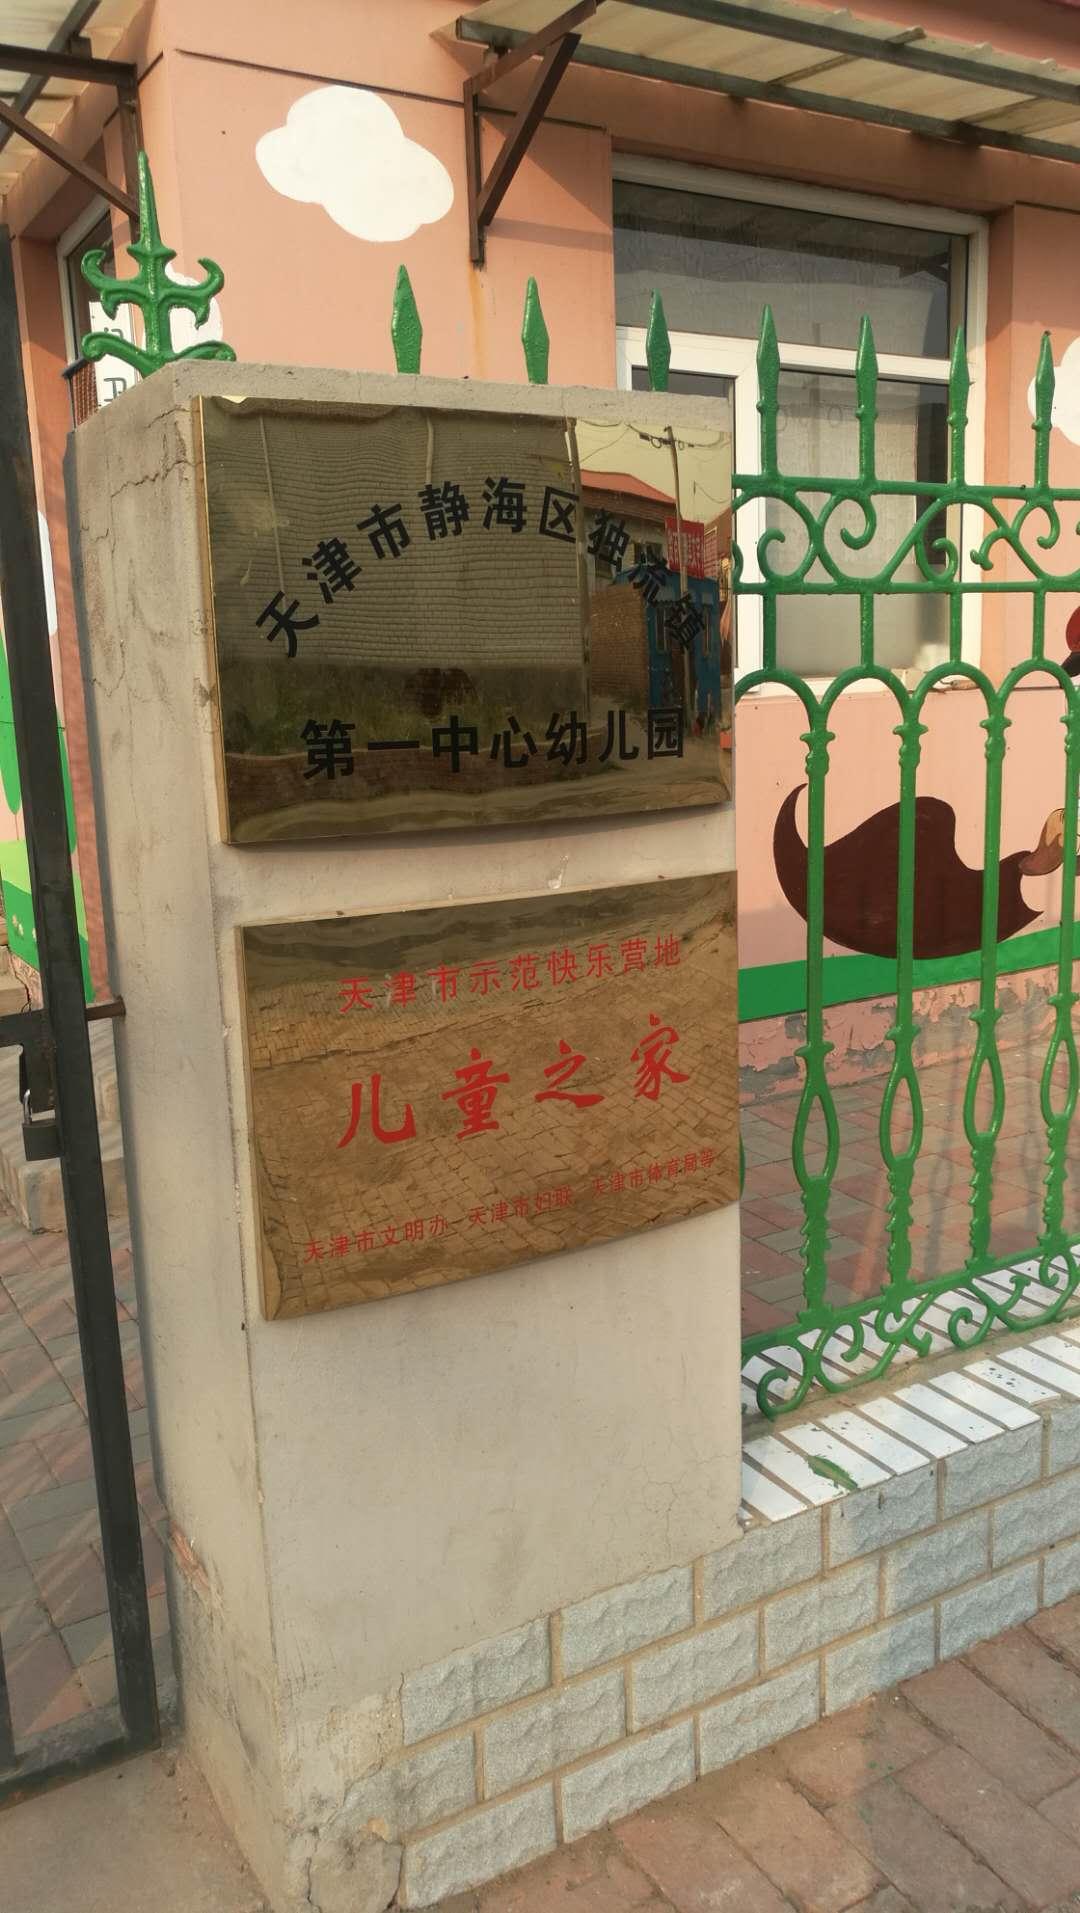 清洗服务 蓟州区单位排烟管道清洗 专业学校食堂保洁